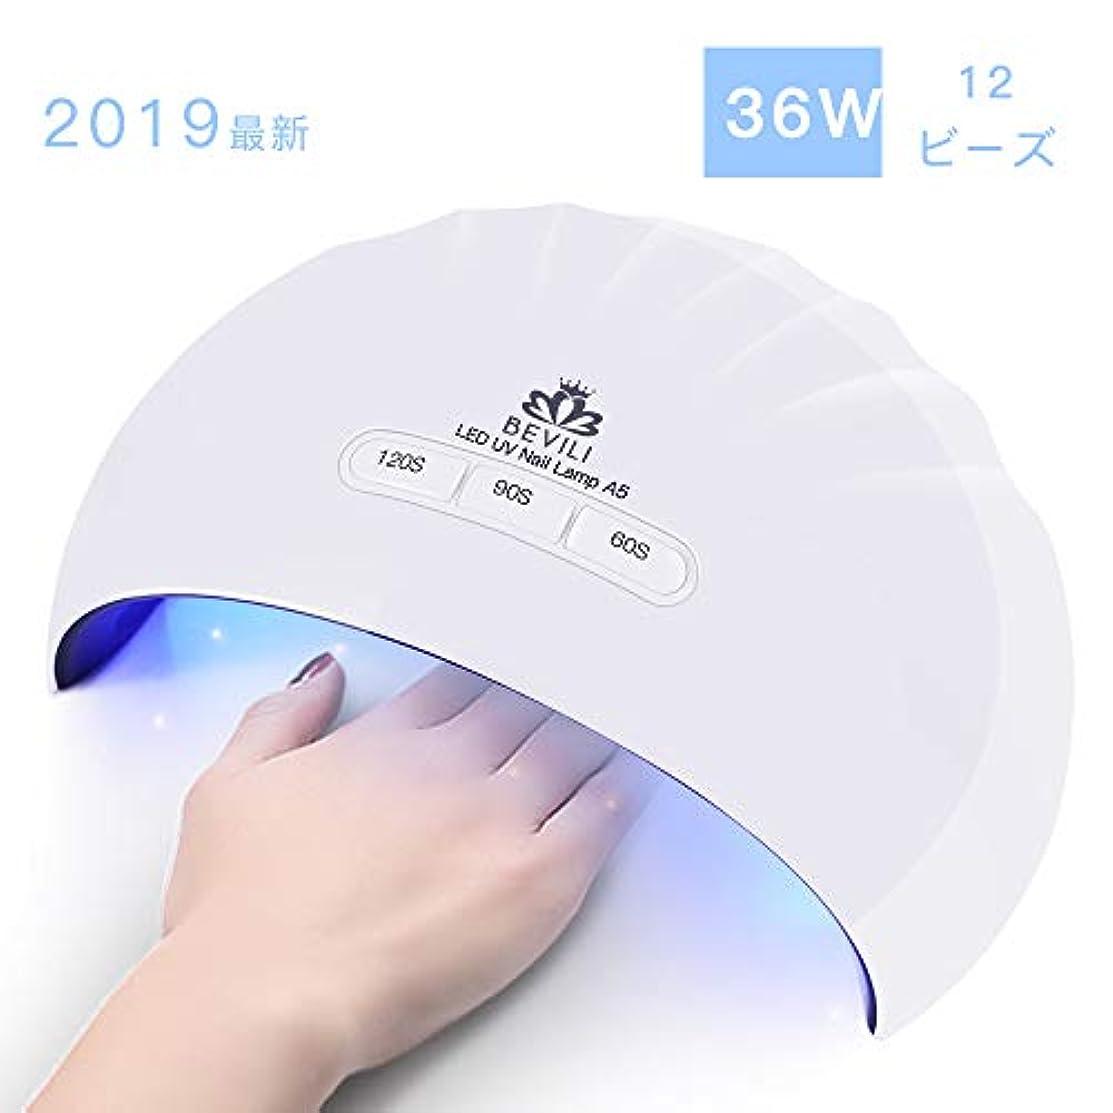 構成員勝つつかいます硬化用UV/LEDライトジェルネイルライト 肌をケア センサータイマー付き UVライト 速乾UV ネイル ハンドフット両用 ネイル led ライト USB対応